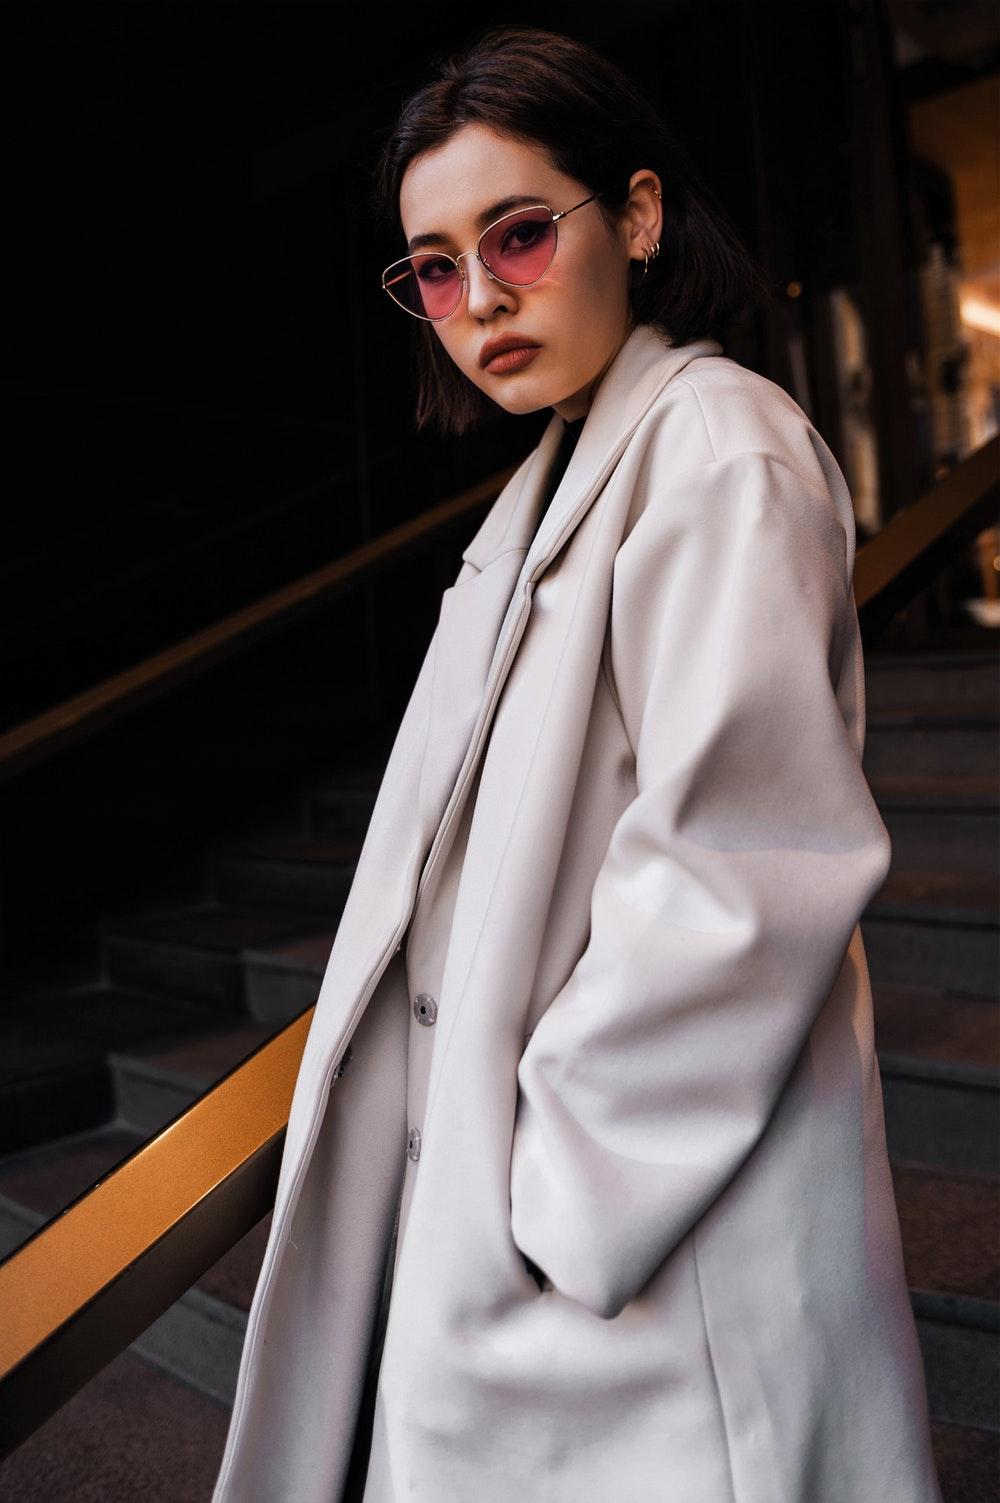 coat and glasses.jpeg